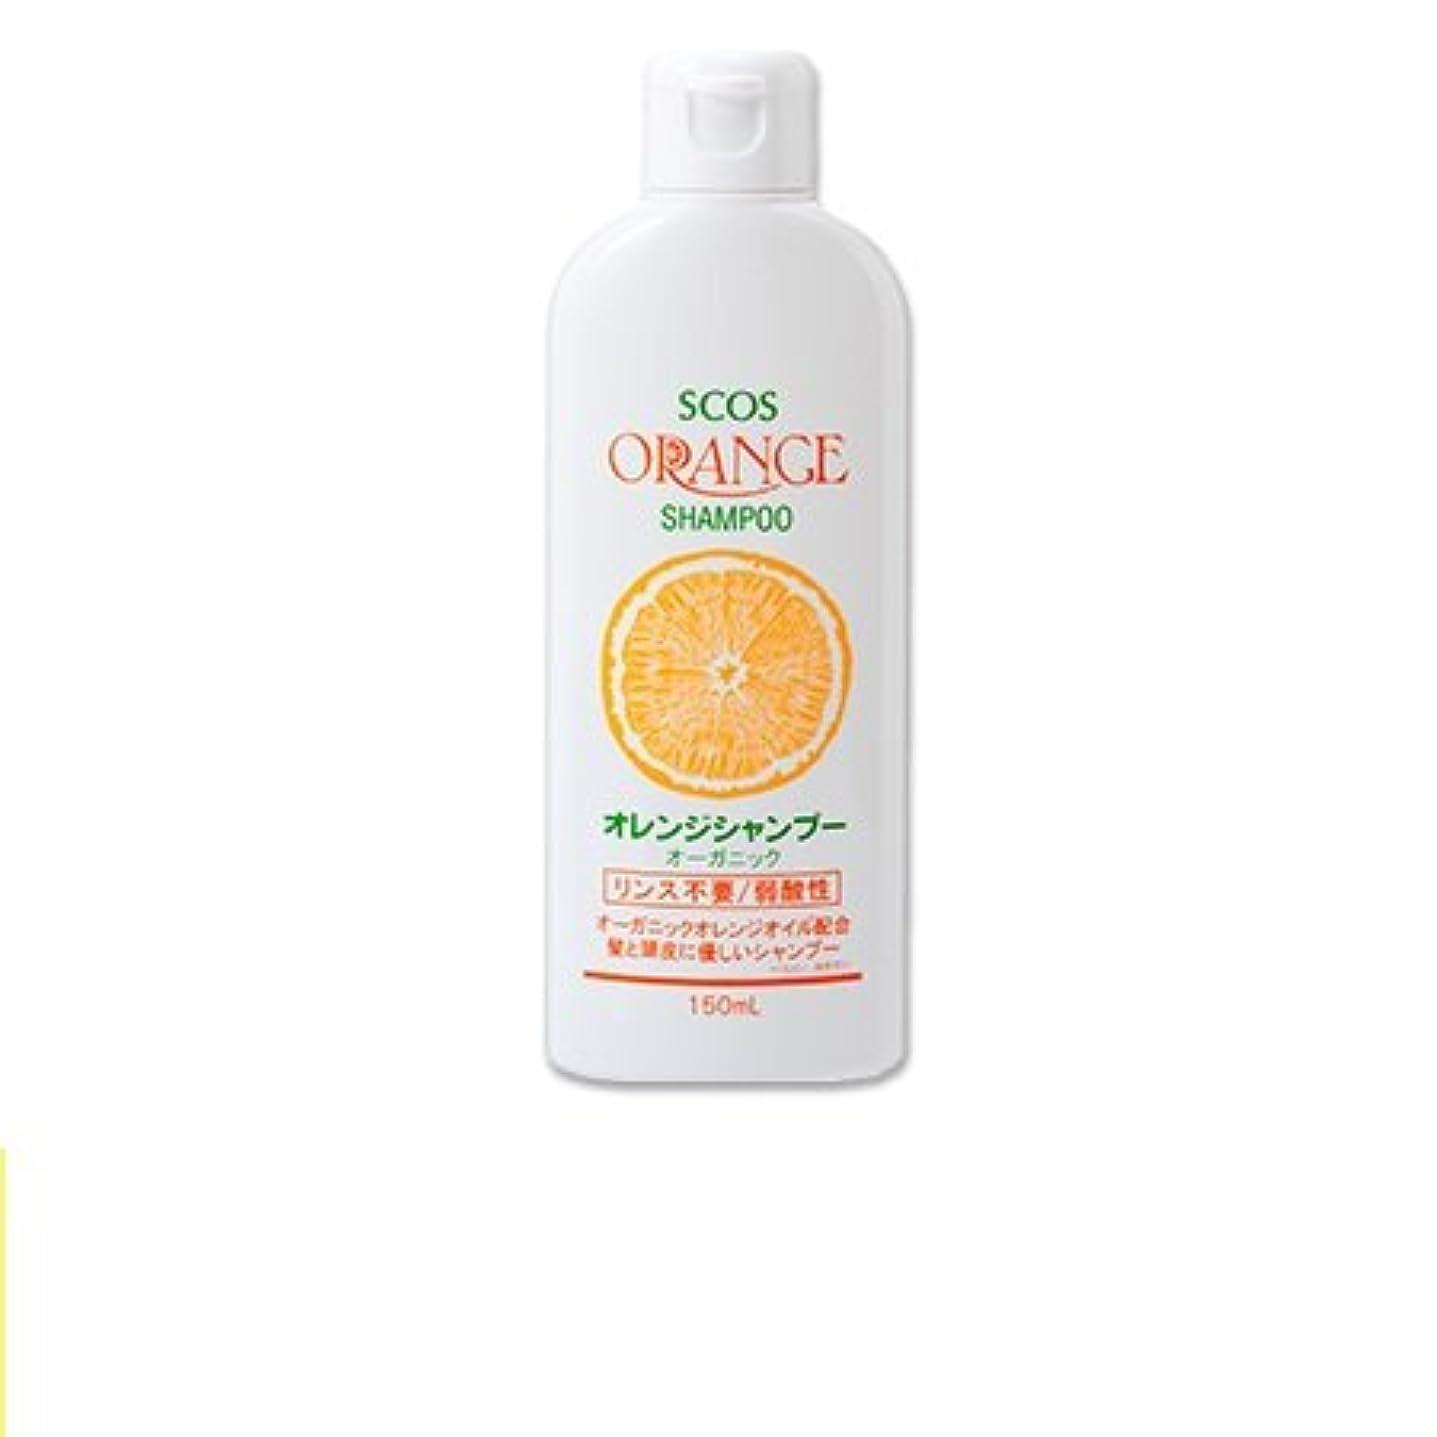 組み合わせる滑り台酸素エスコス オレンジシャンプーオーガニック (150ml)